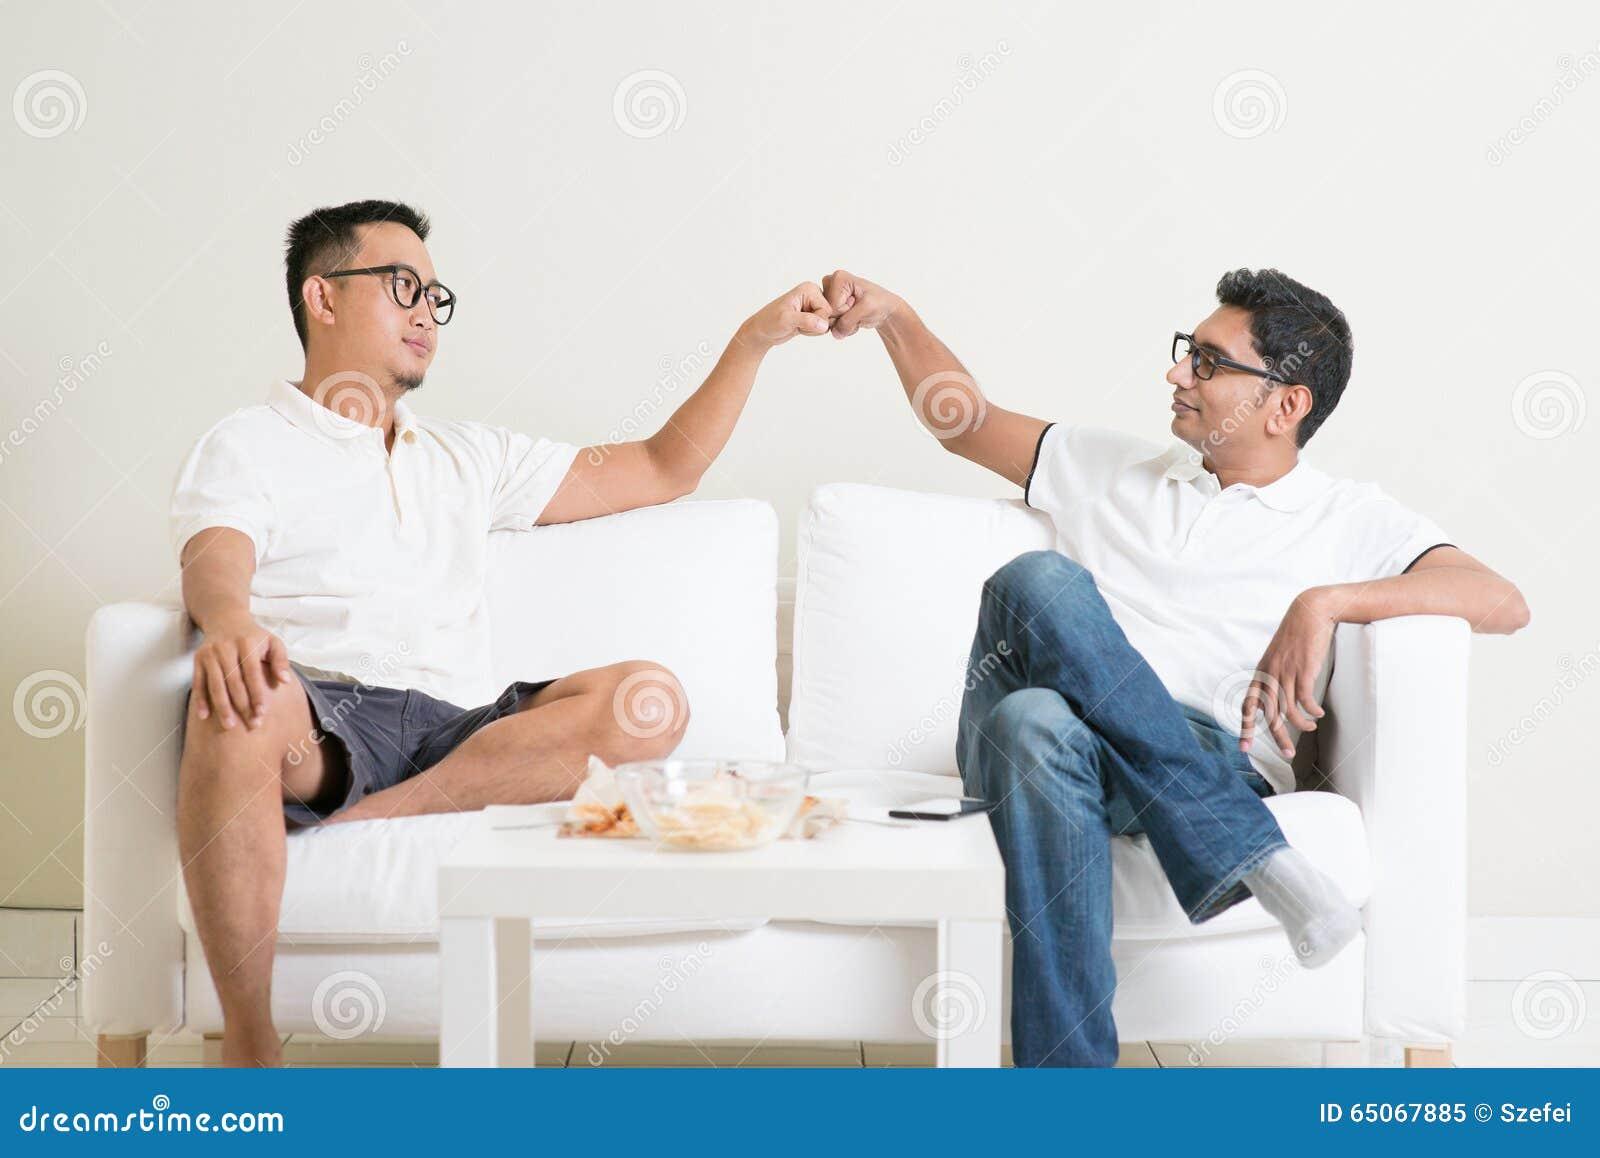 Рему кулака людей